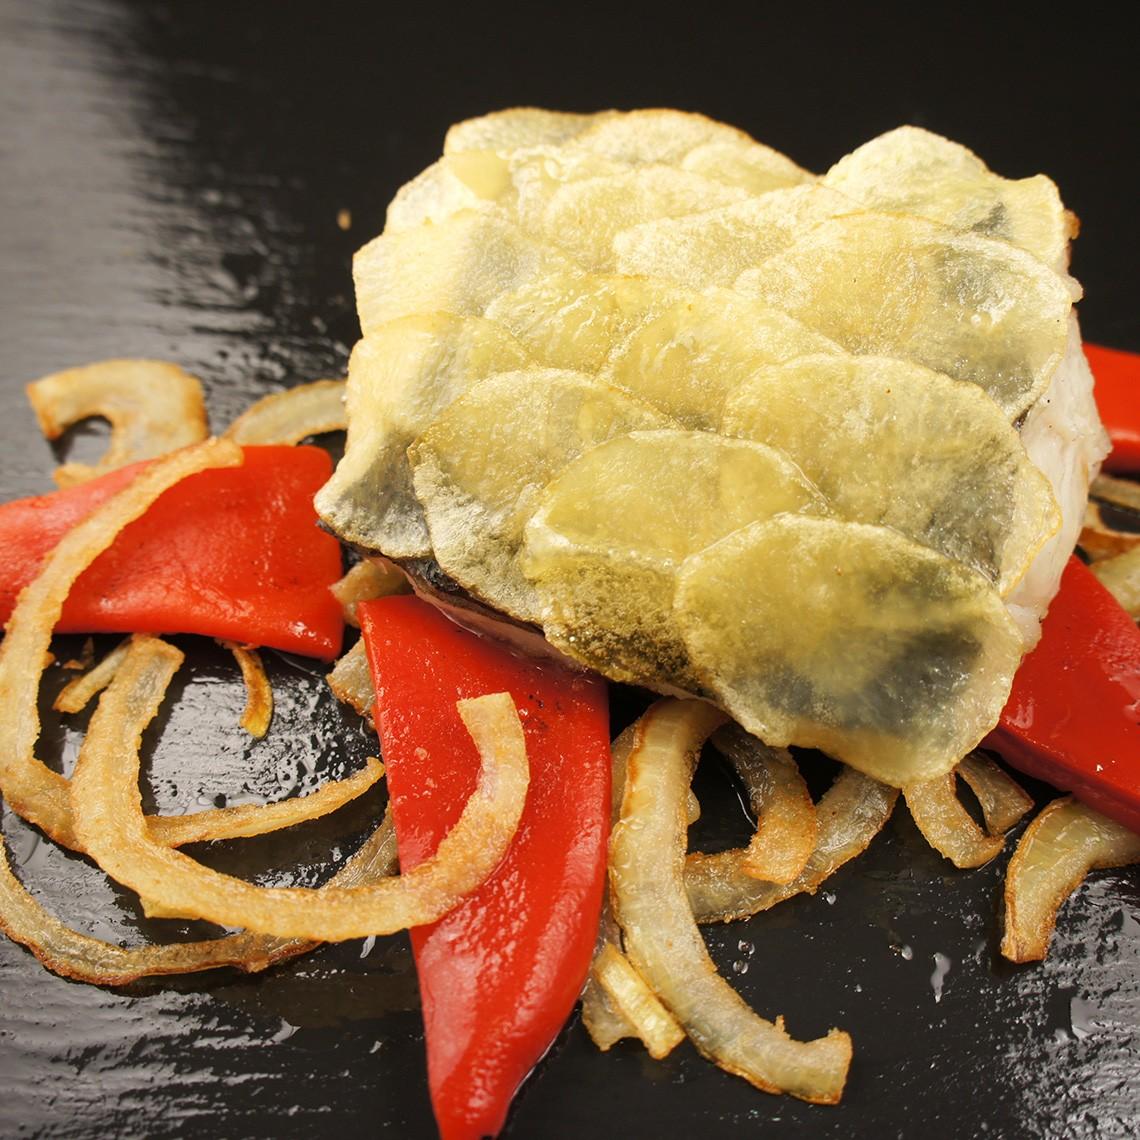 Sargo con láminas de crujientes de patatas, piquillos y cebolla salteada